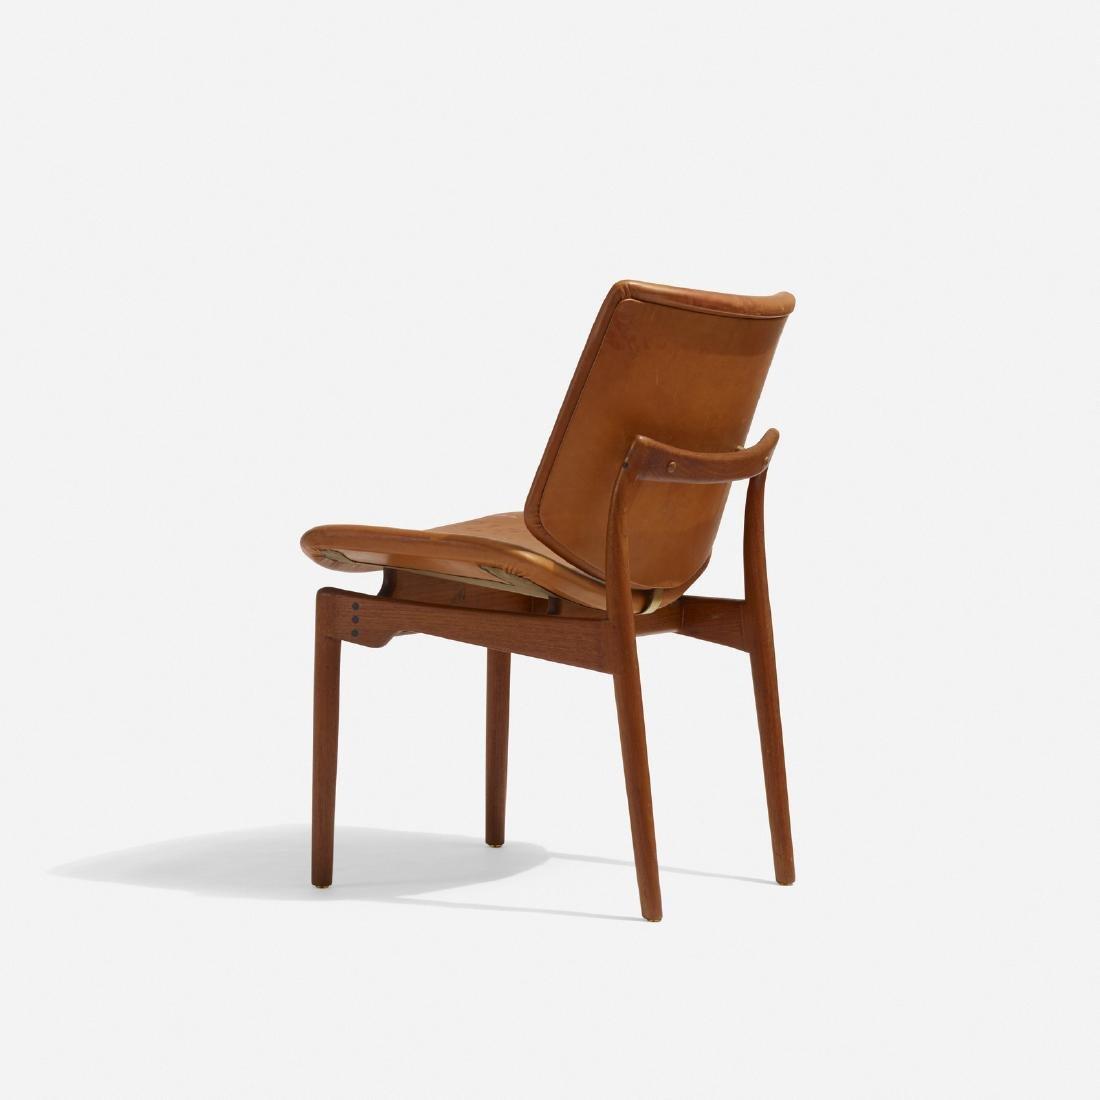 Finn Juhl, chair, model BO 116